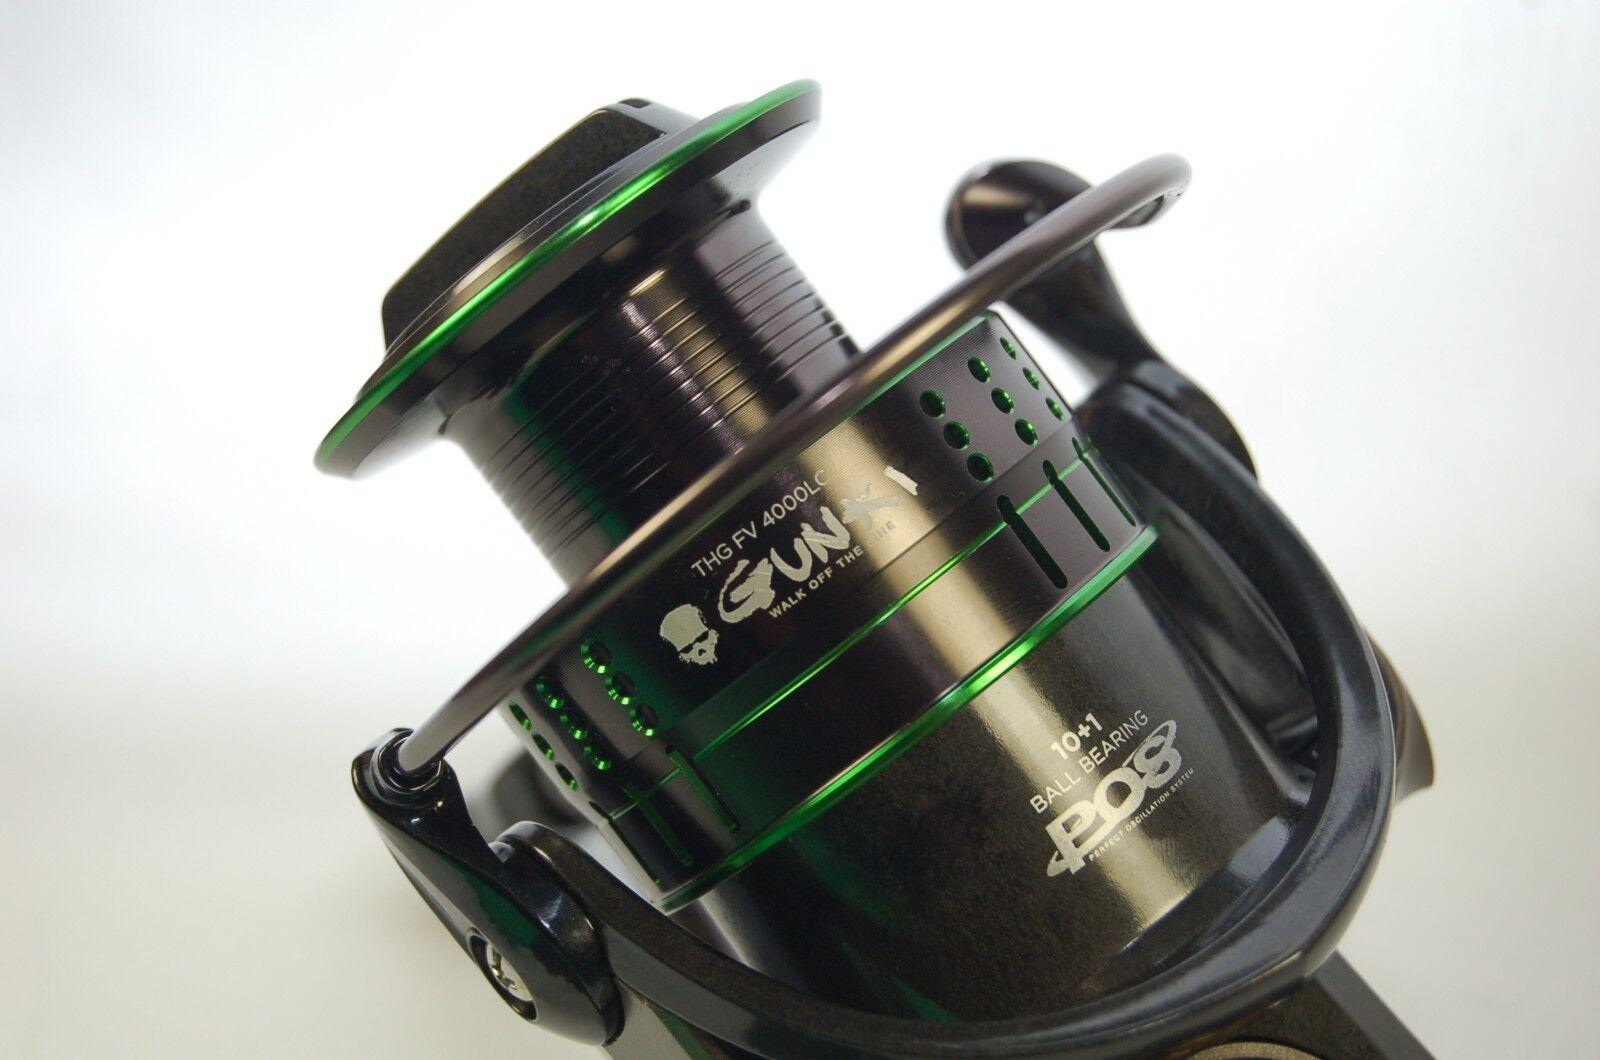 Gunki THG FV 4000LC Angelrolle Stationärrolle Spinnrolle Spinnfischen Kopfbremse